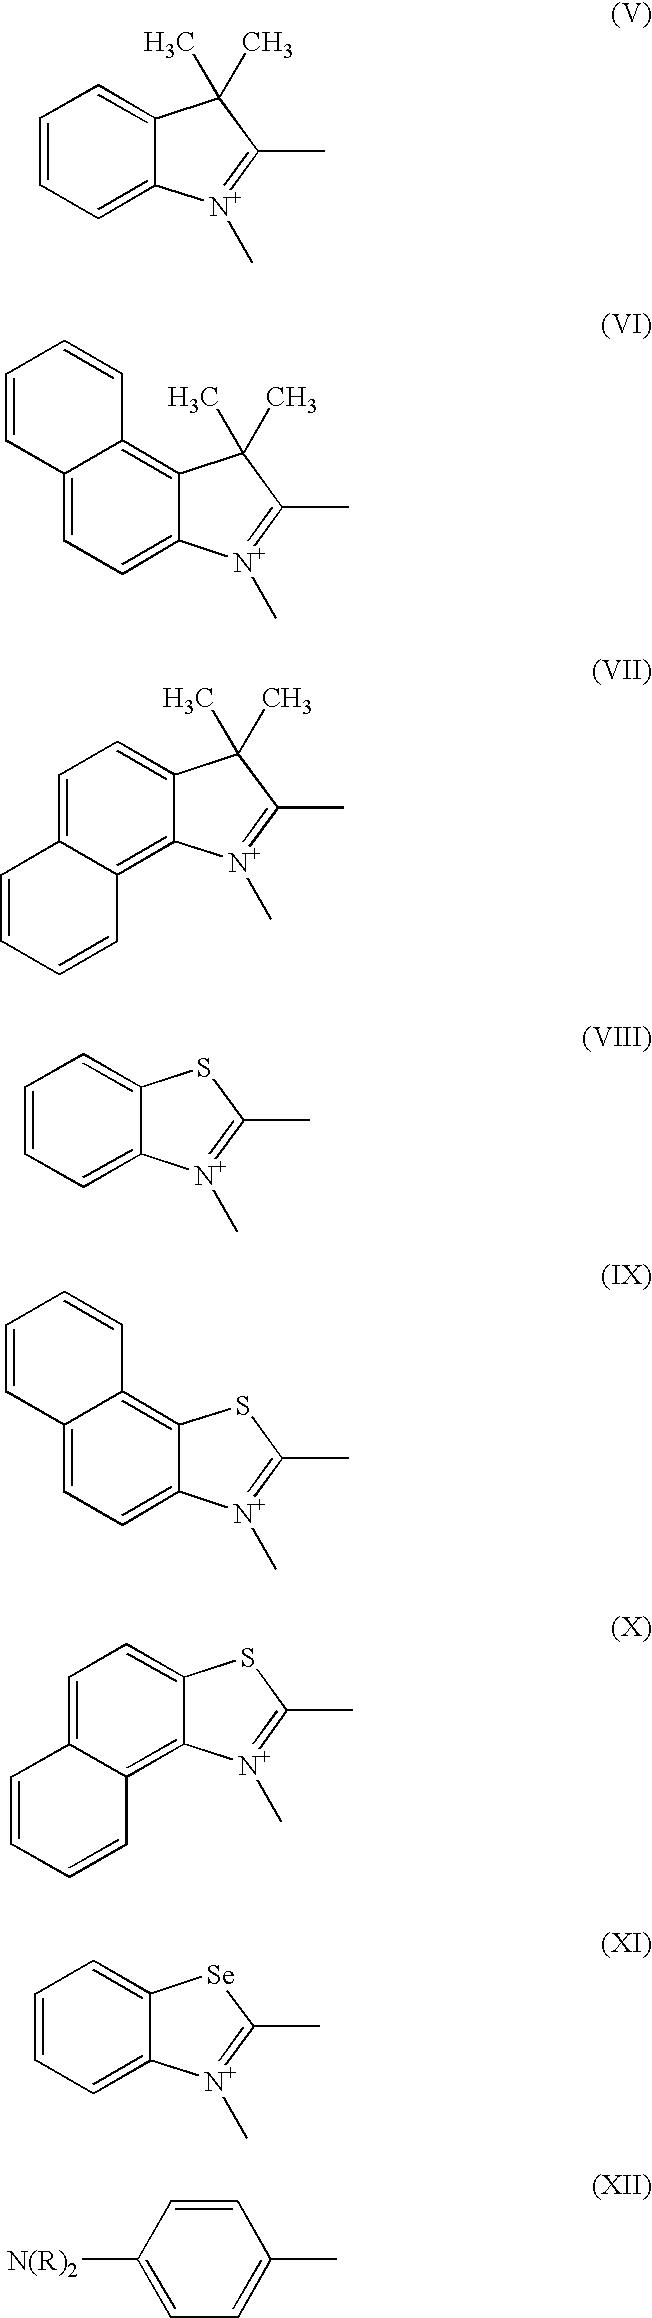 Figure US20080192620A1-20080814-C00002